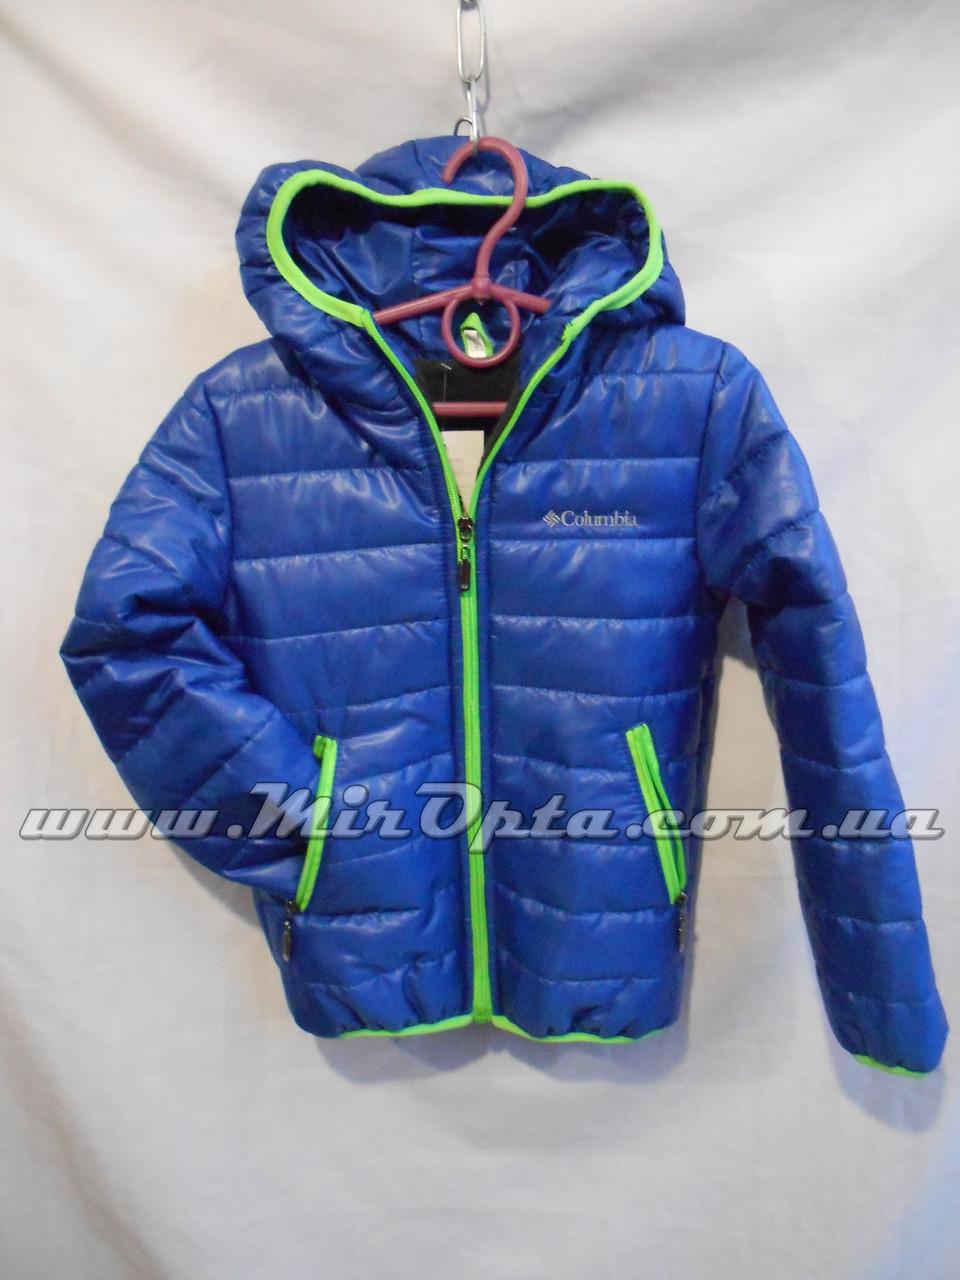 Детская куртка для мальчика демисезонная (8 - 12 лет) Columbia - МИР ОПТА  самые b24871c3f1783